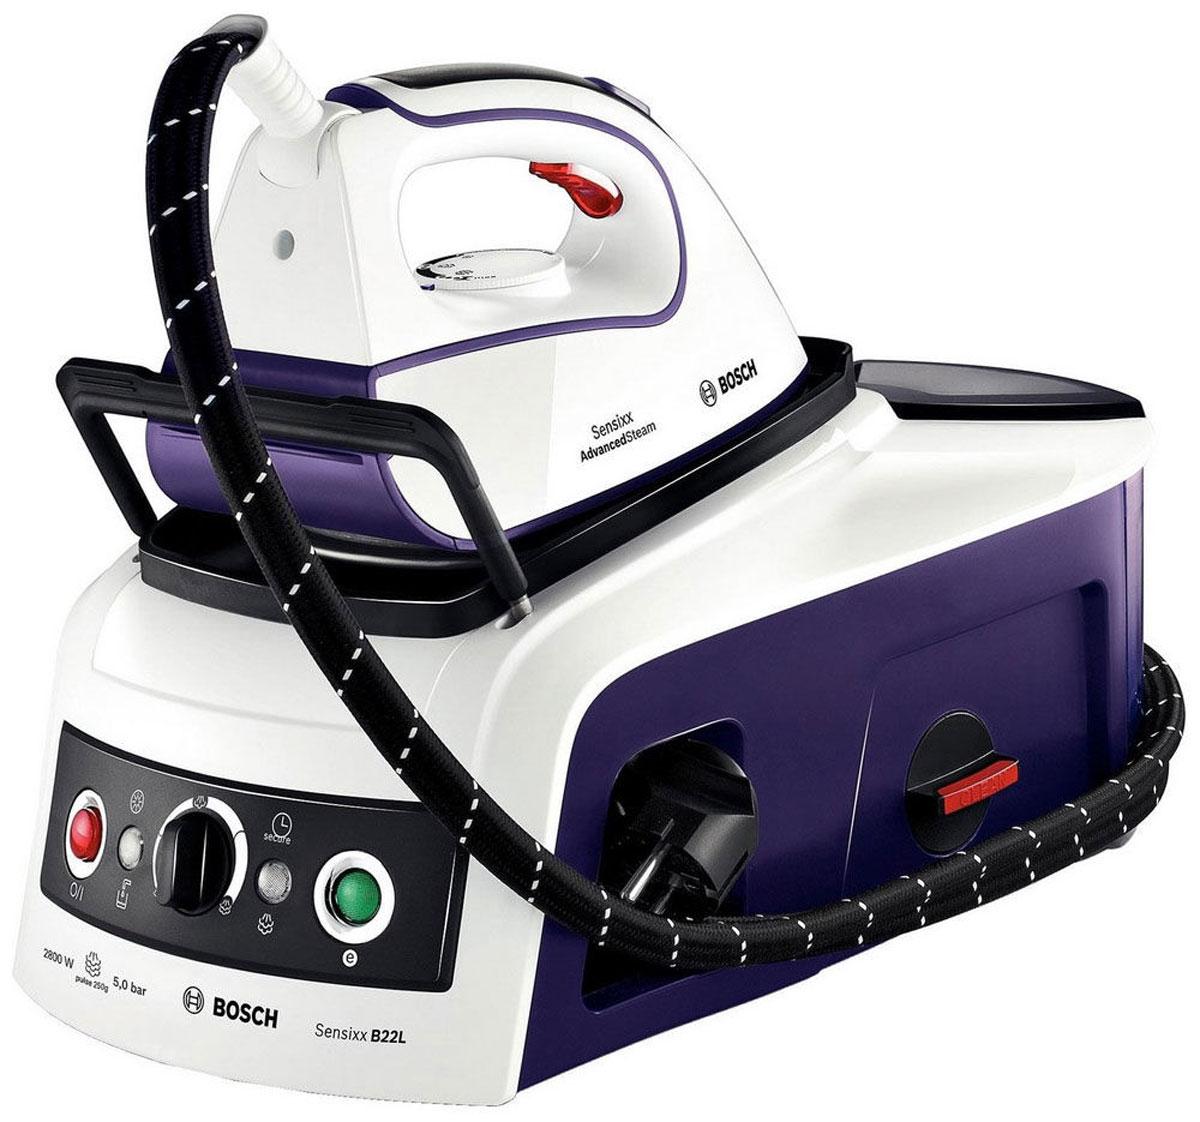 Bosch TDS2241, White Purple гладильная системаTDS2241Паровая станция Bosch TDS2241 мощно оглаживает ваше белье, не оставляя ни одной морщинки, а кроме того, ее очень удобно и безопасно переносить. Мощное давление подачи пара со встроенной системой безопасности составляет 5 бар. Система SecureLock закрепляет утюг на станции для большей надежности при транспортировке и хранении.Ultimate250 PulseSteam: мощный глубокий пар с тремя интенсивными паровыми ударами до 250 грамм служит для оптимального проникновения в ткань. Подошва CeraniumGlissee с каналами для подачи пара и трехфазовым дизайном отверстий создана для оптимального распространения пара и идеального скольжения.Система advanced steam system для быстрой глажкиeco-button: экономия энергии до 25 % и воды до 40 %CalcnClean Advanced: специальная шкала коллектора, которая легко снимается для быстрой и легкой очистки паровой станцииРезиновые ножкиСъемная нескользящая подставка для утюгаСигнализатор рабочего состоянияМощность бойлера: 1 500 ВтМатериал бойлера: нержавеющая стальИндикатор отсутствия водыИндикатор готовности к использованию параСтупенчатая регулировка уровня подачи пара